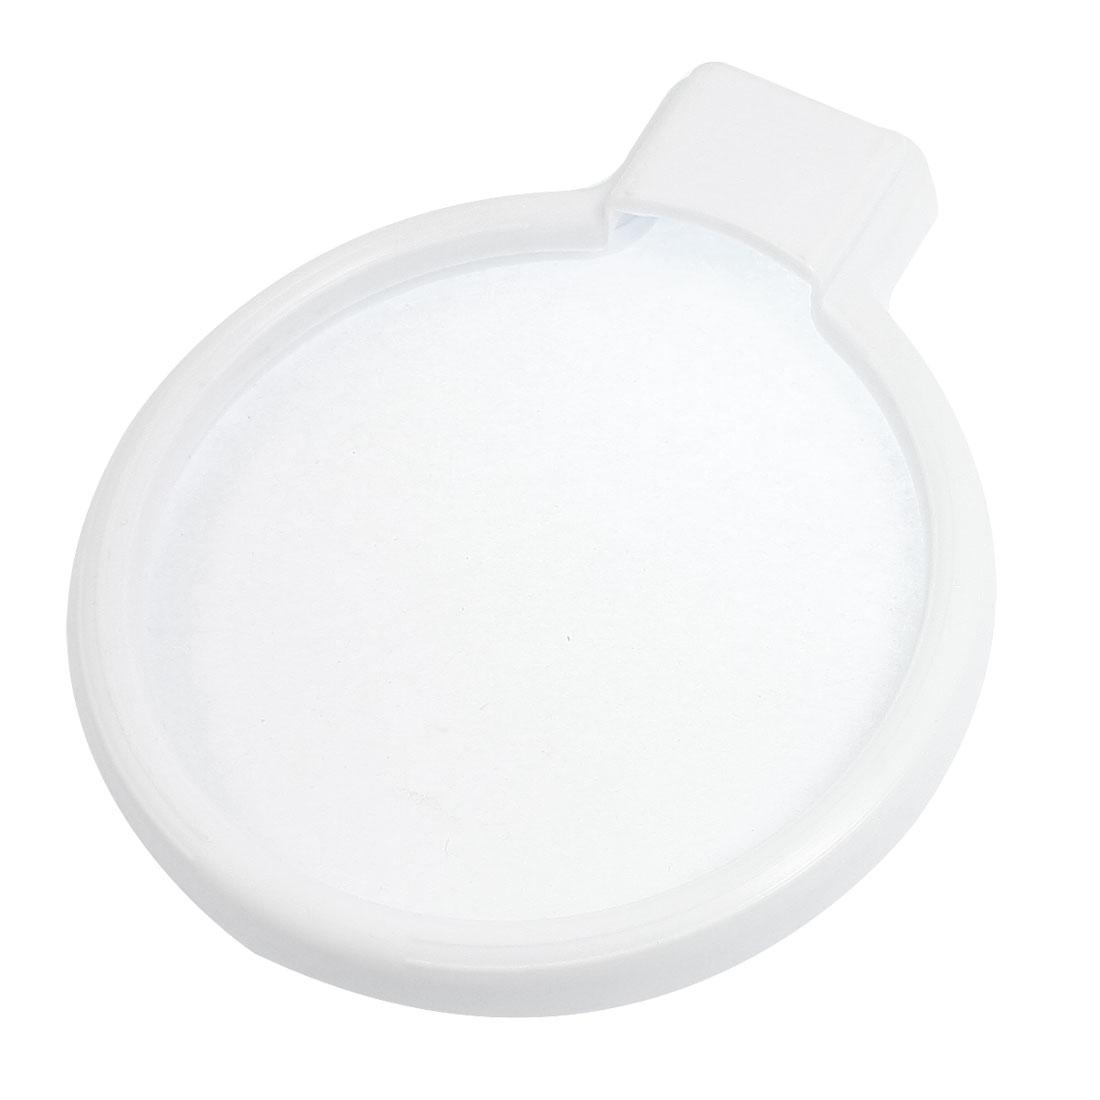 10cm Transparent Film Diameter Plastic Food Jam Fresh Lid